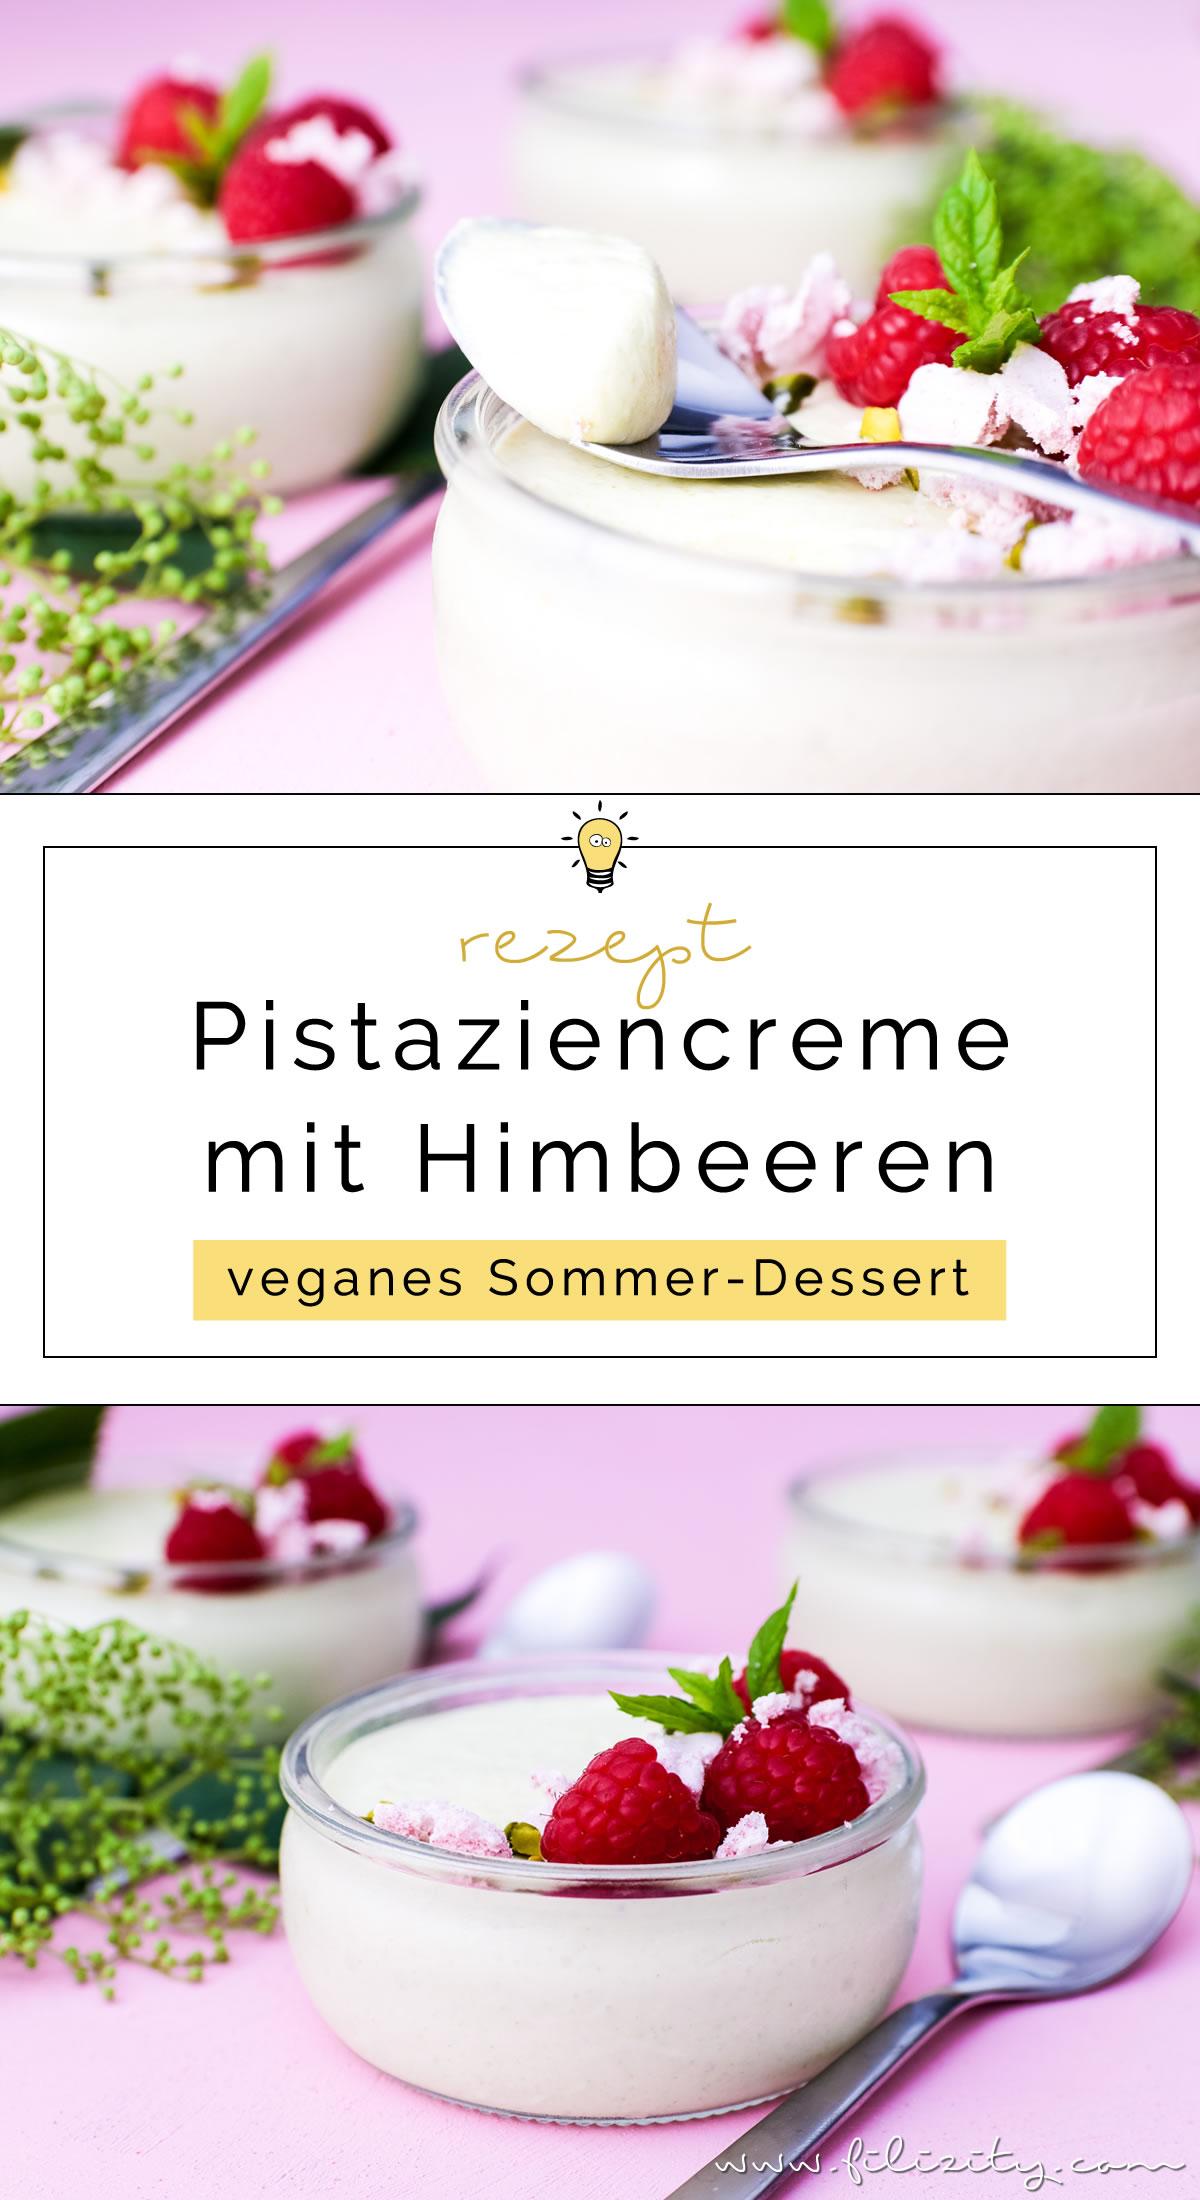 pistaziencreme mit himbeeren veganes dessert rezept food blog aus dem rheinland. Black Bedroom Furniture Sets. Home Design Ideas